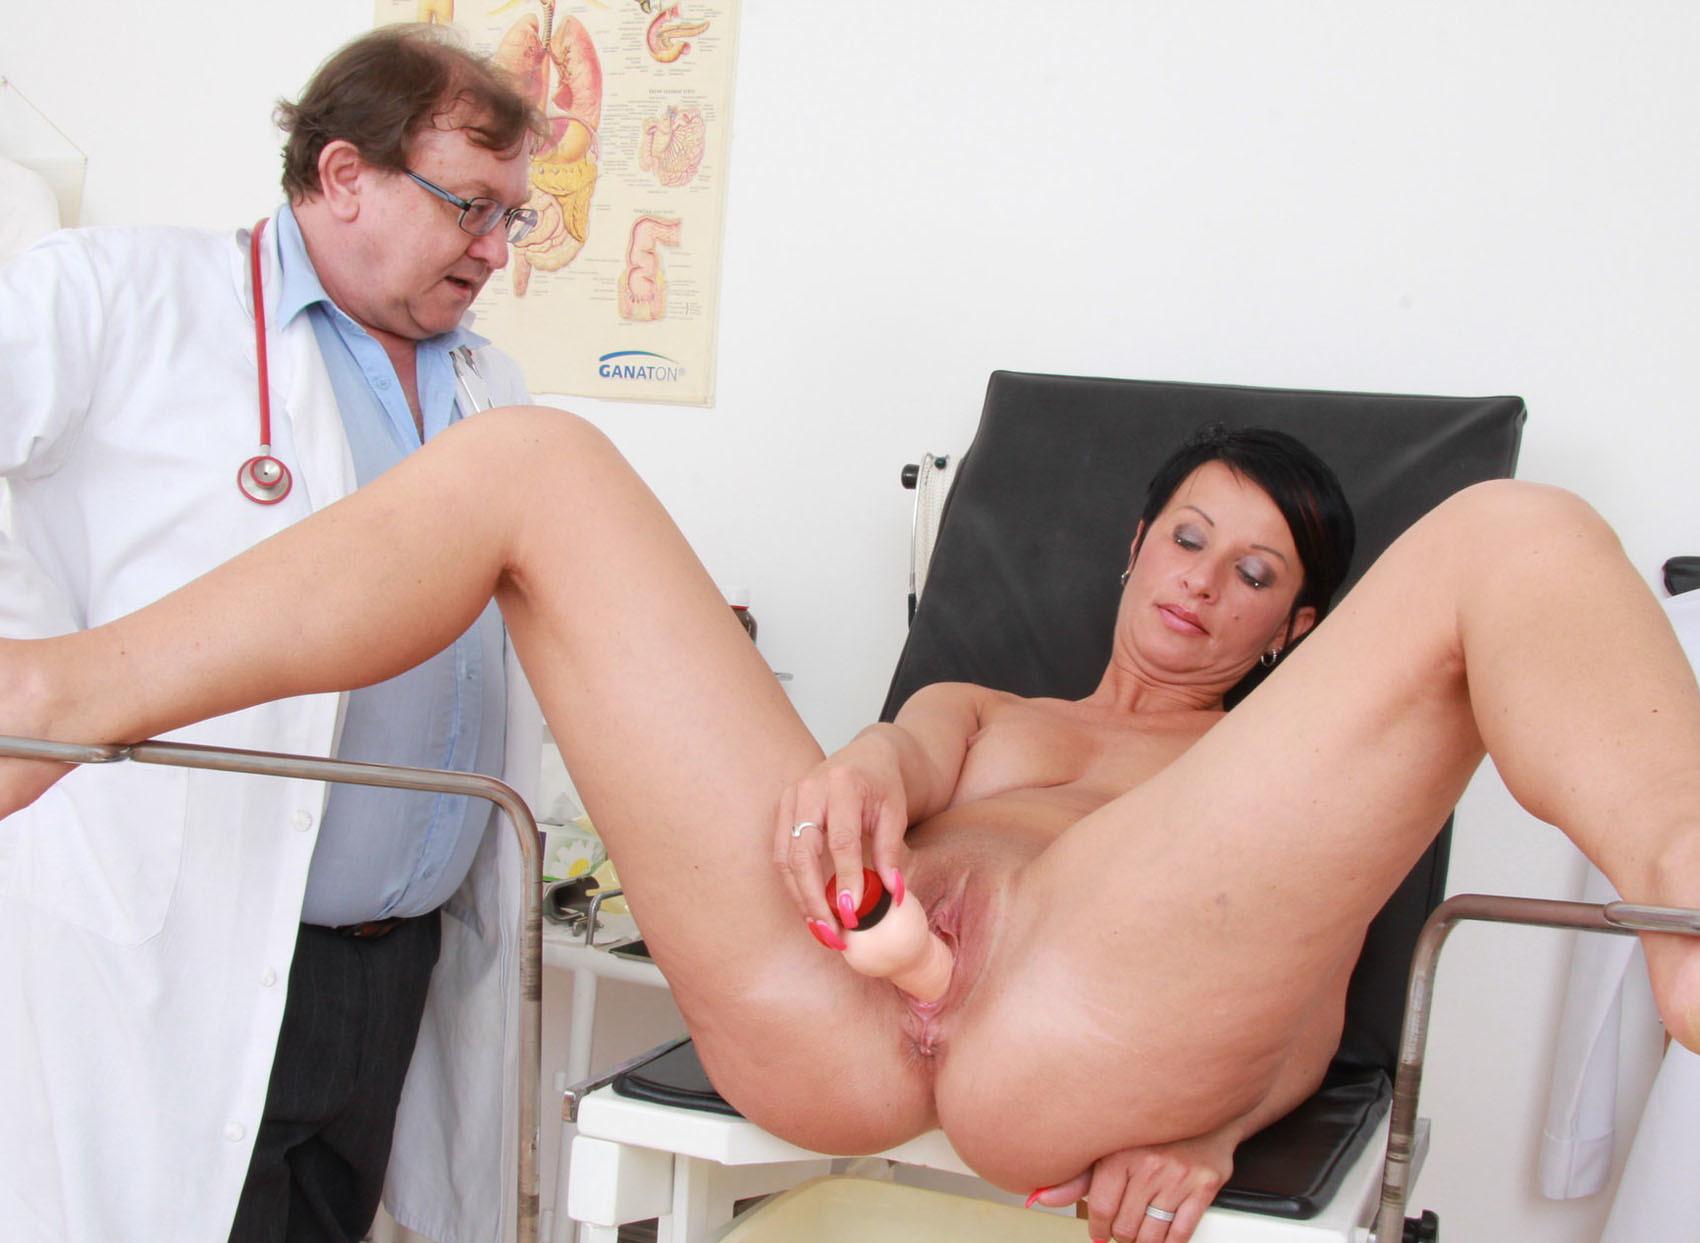 Видео голая девушка на приеме у врача гинеколога просто начать